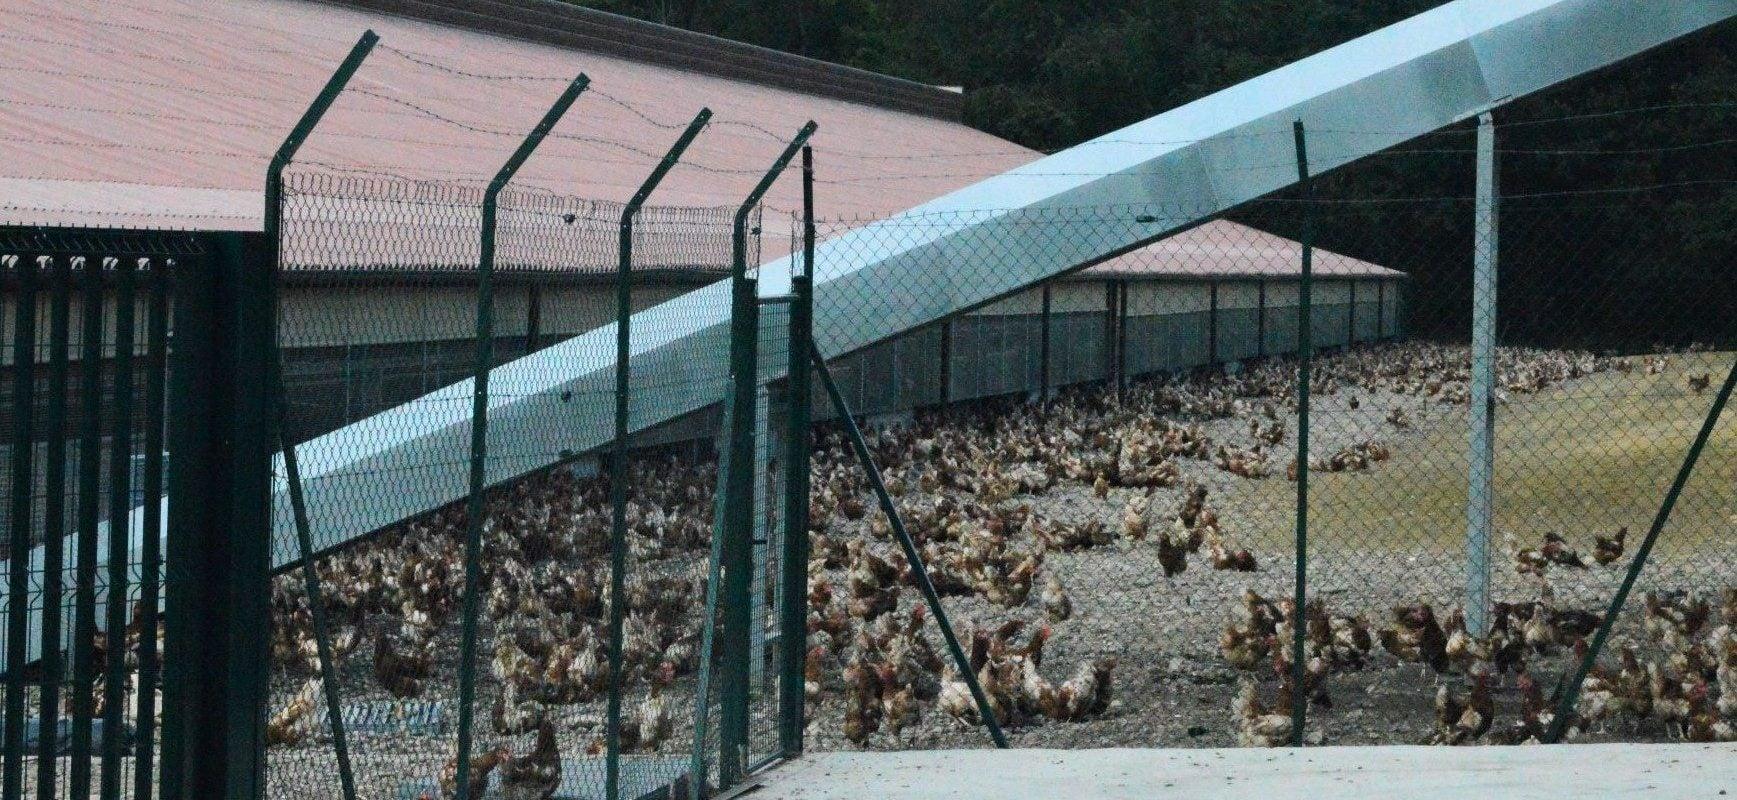 L'absurdité des élevages «plein air», des espaces vides et des poules agglutinées